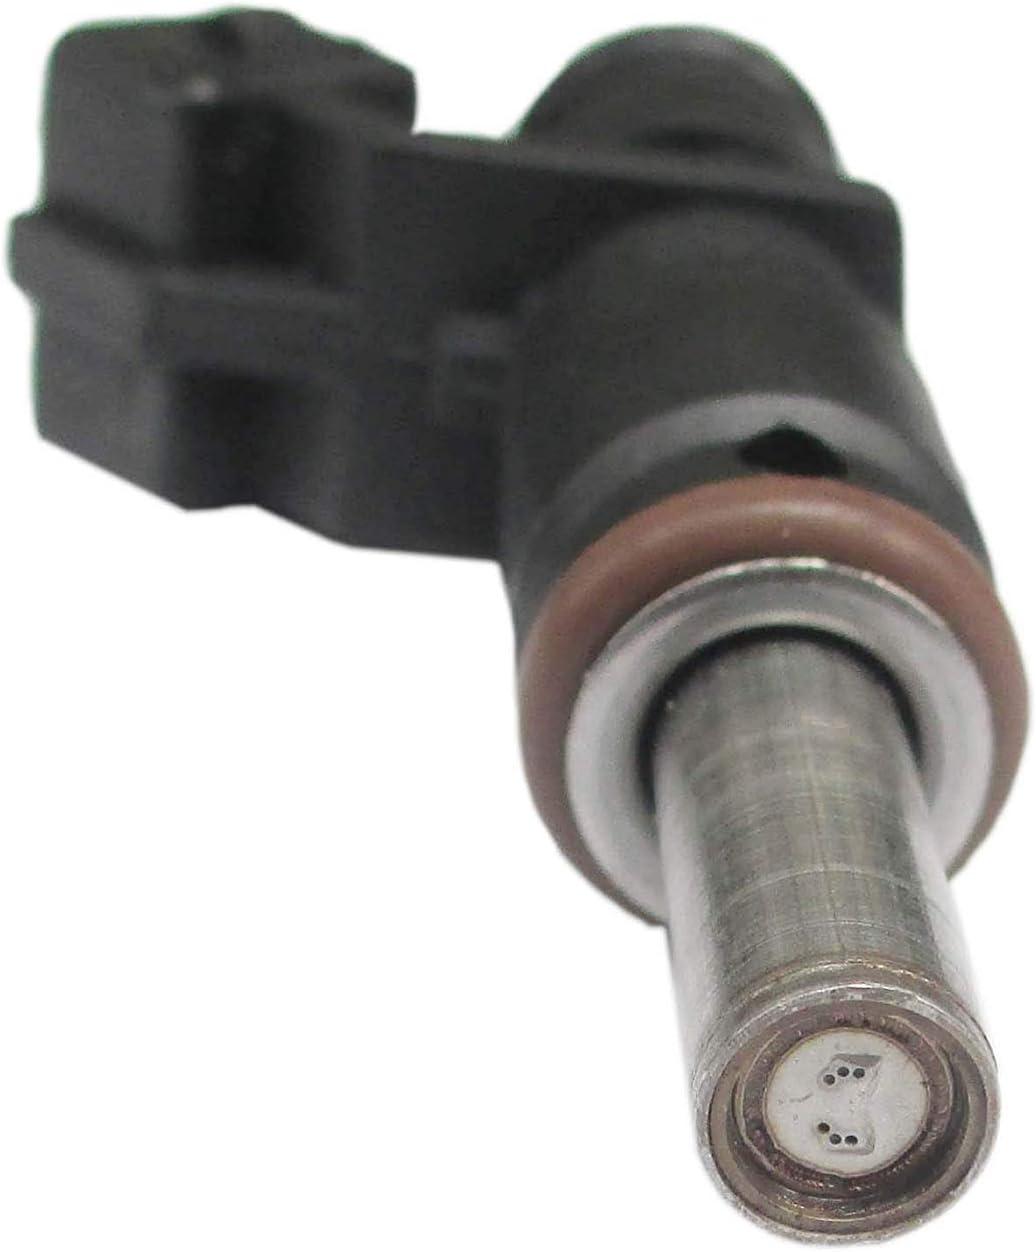 328xi 330xi 2.5//3.0L I6 Part# 7531634 325i 323i 328i 328i xDrive 330Ci Set of 6 Re-manufactured Fuel Injectors for 2005-2013 BMW 128i 325xi 330i